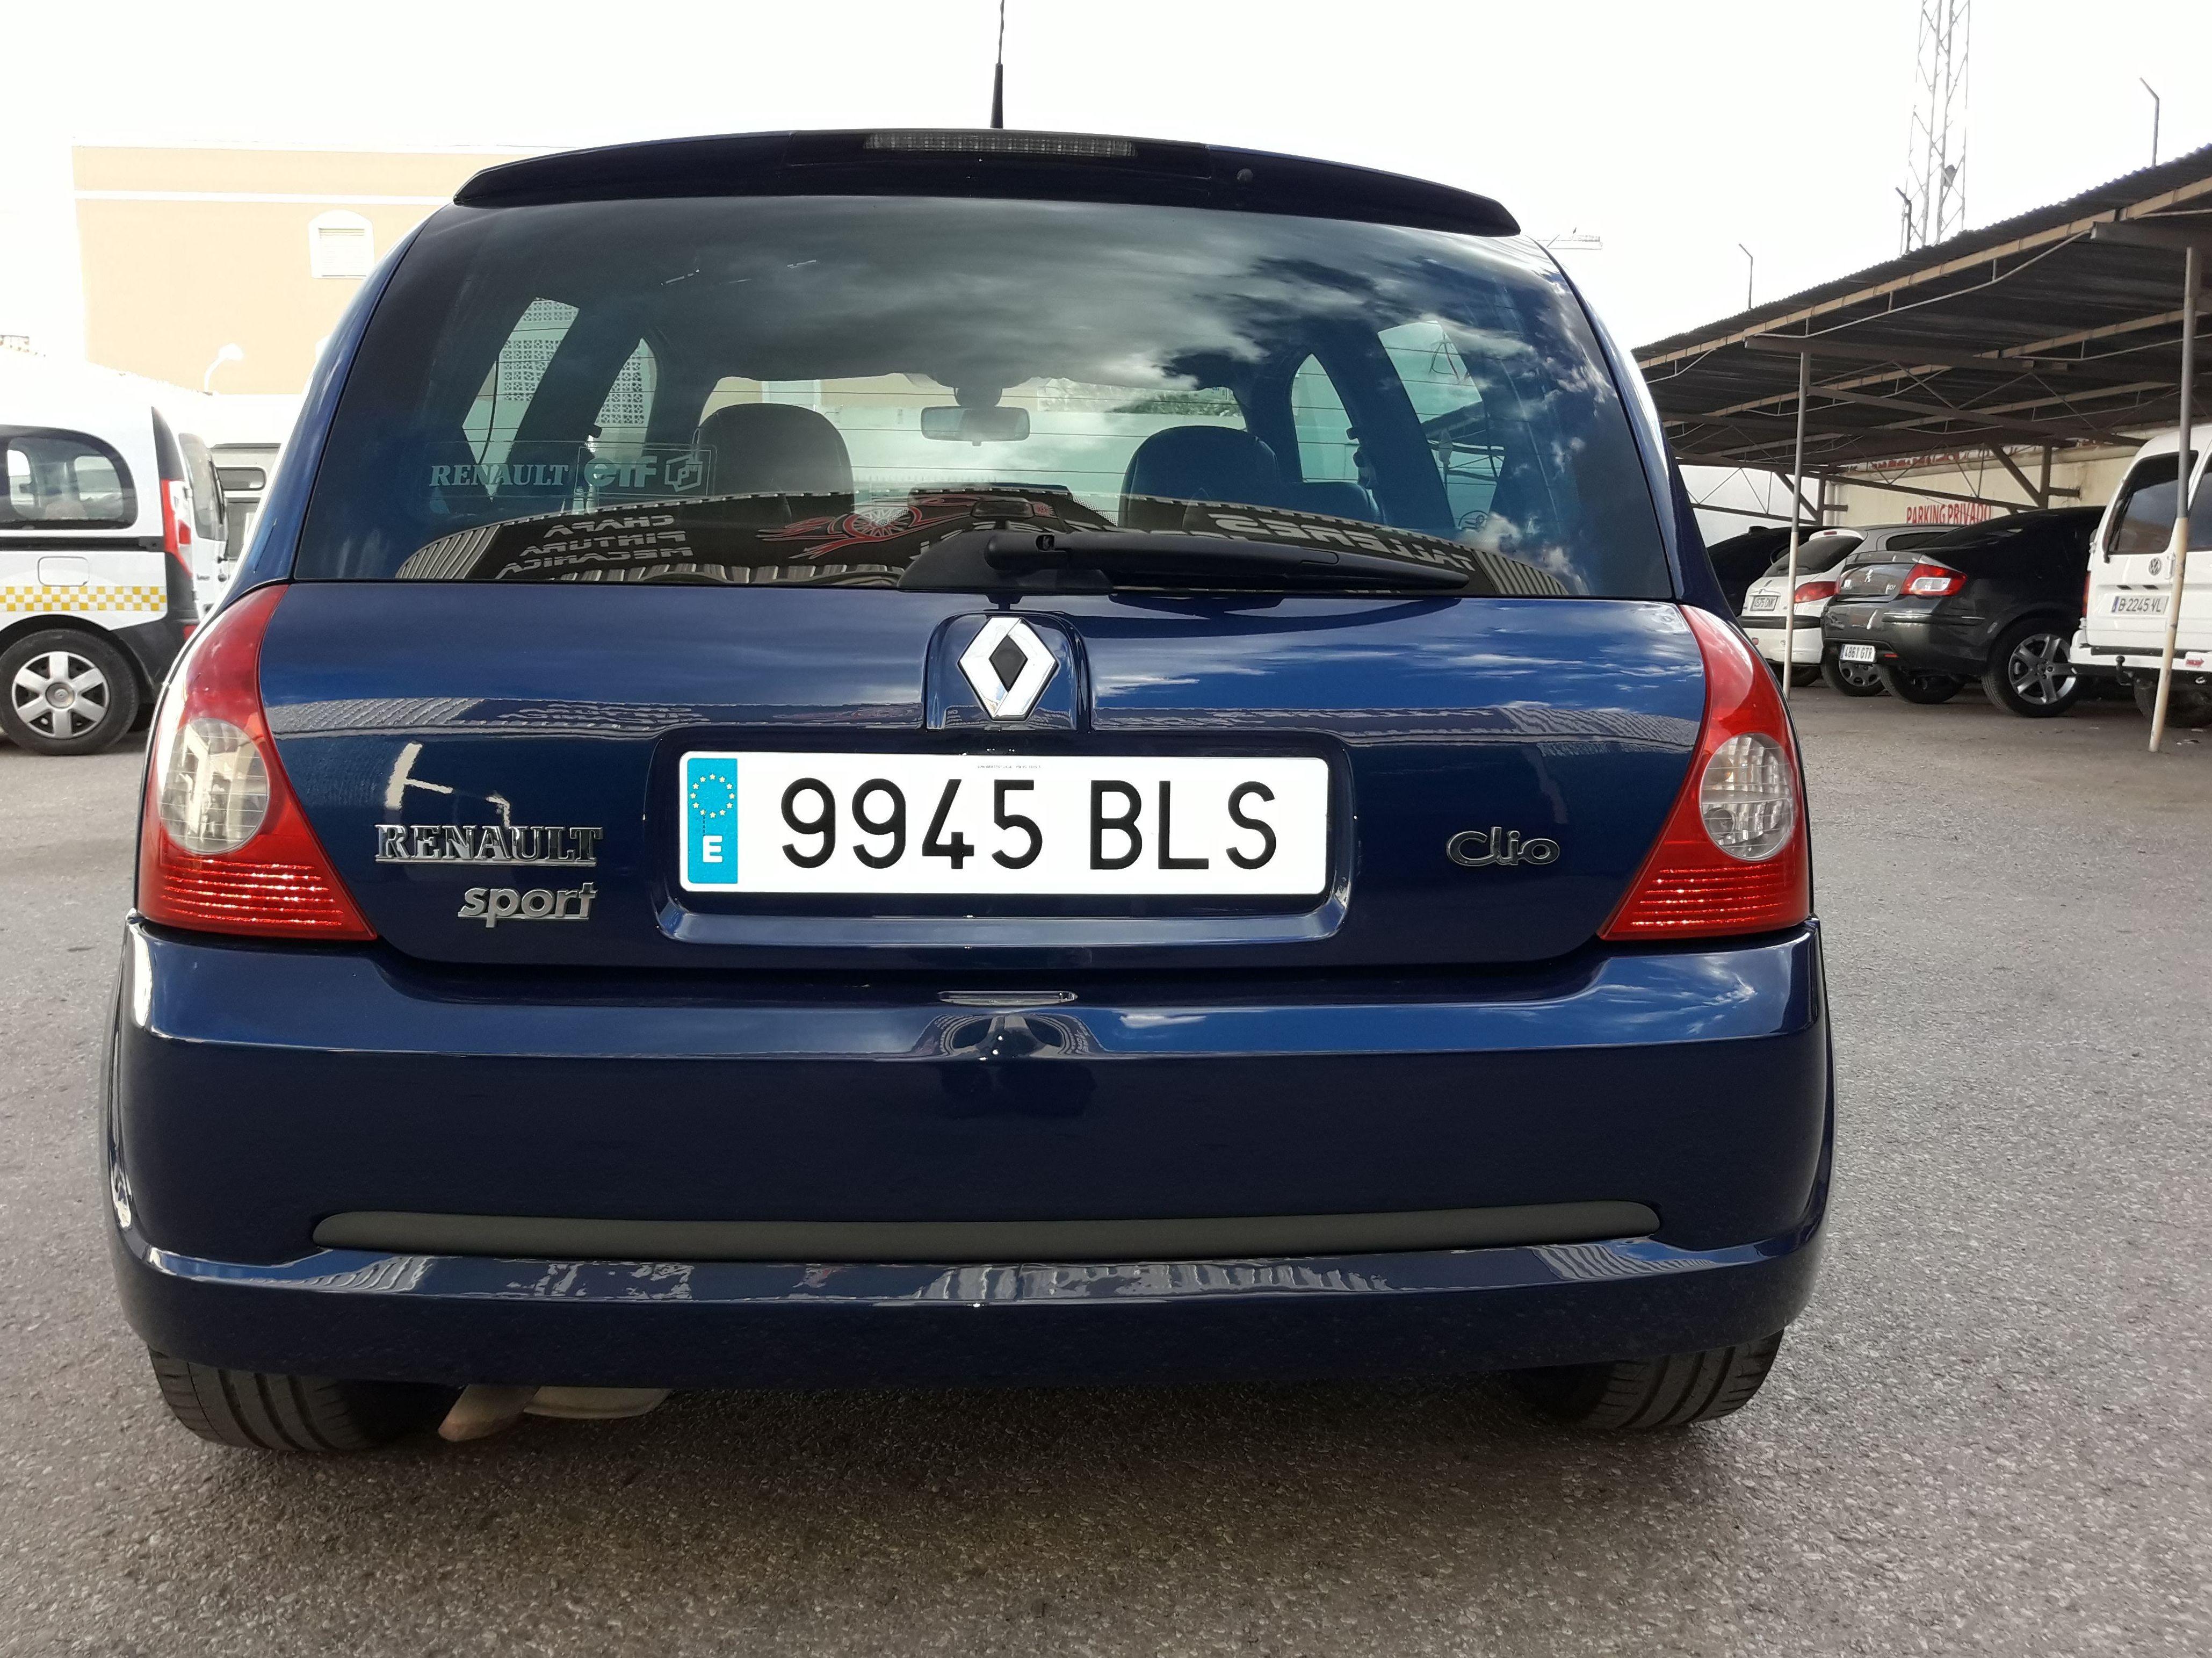 Foto 2 de Taller especializado en chapa y pintura, mecánica rápida y reparación integral de vehículos. en Vera | Talleres Jerez Torres S.L.